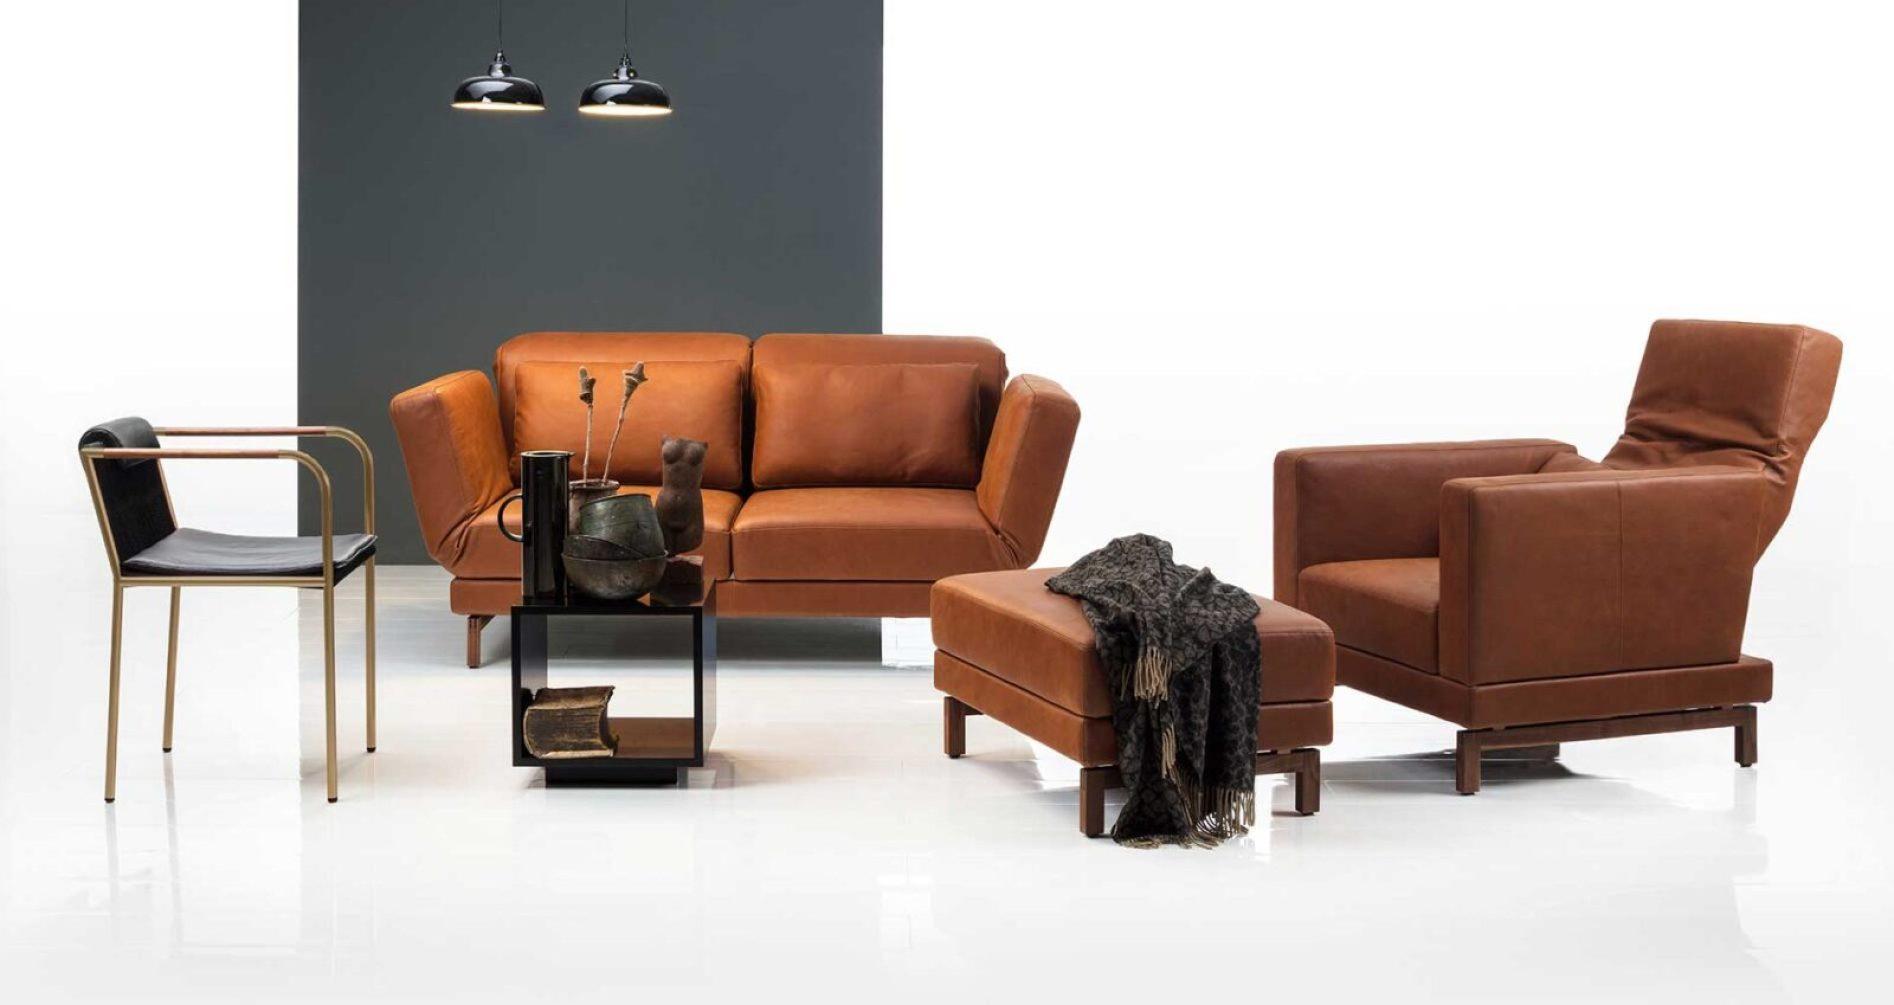 Das Design Sofa Moule von Brühl. Das vielseitige Modell lässt Sie Größe, Stoff, Leder und mehr bestimmen. Vieles ist möglich: Wohnlandschaft, Sofa, Ecksofa, Sessel oder Hocker. Das Funktionssofa Moule können Sie für jeden Raum einsetzen: Wohnzimmer, Büro und mehr. Hier zu sehen, das Relaxsofa Moule Medium, Sessel und Hocker, in naturbelassenem Leder in der Farbe cognac.